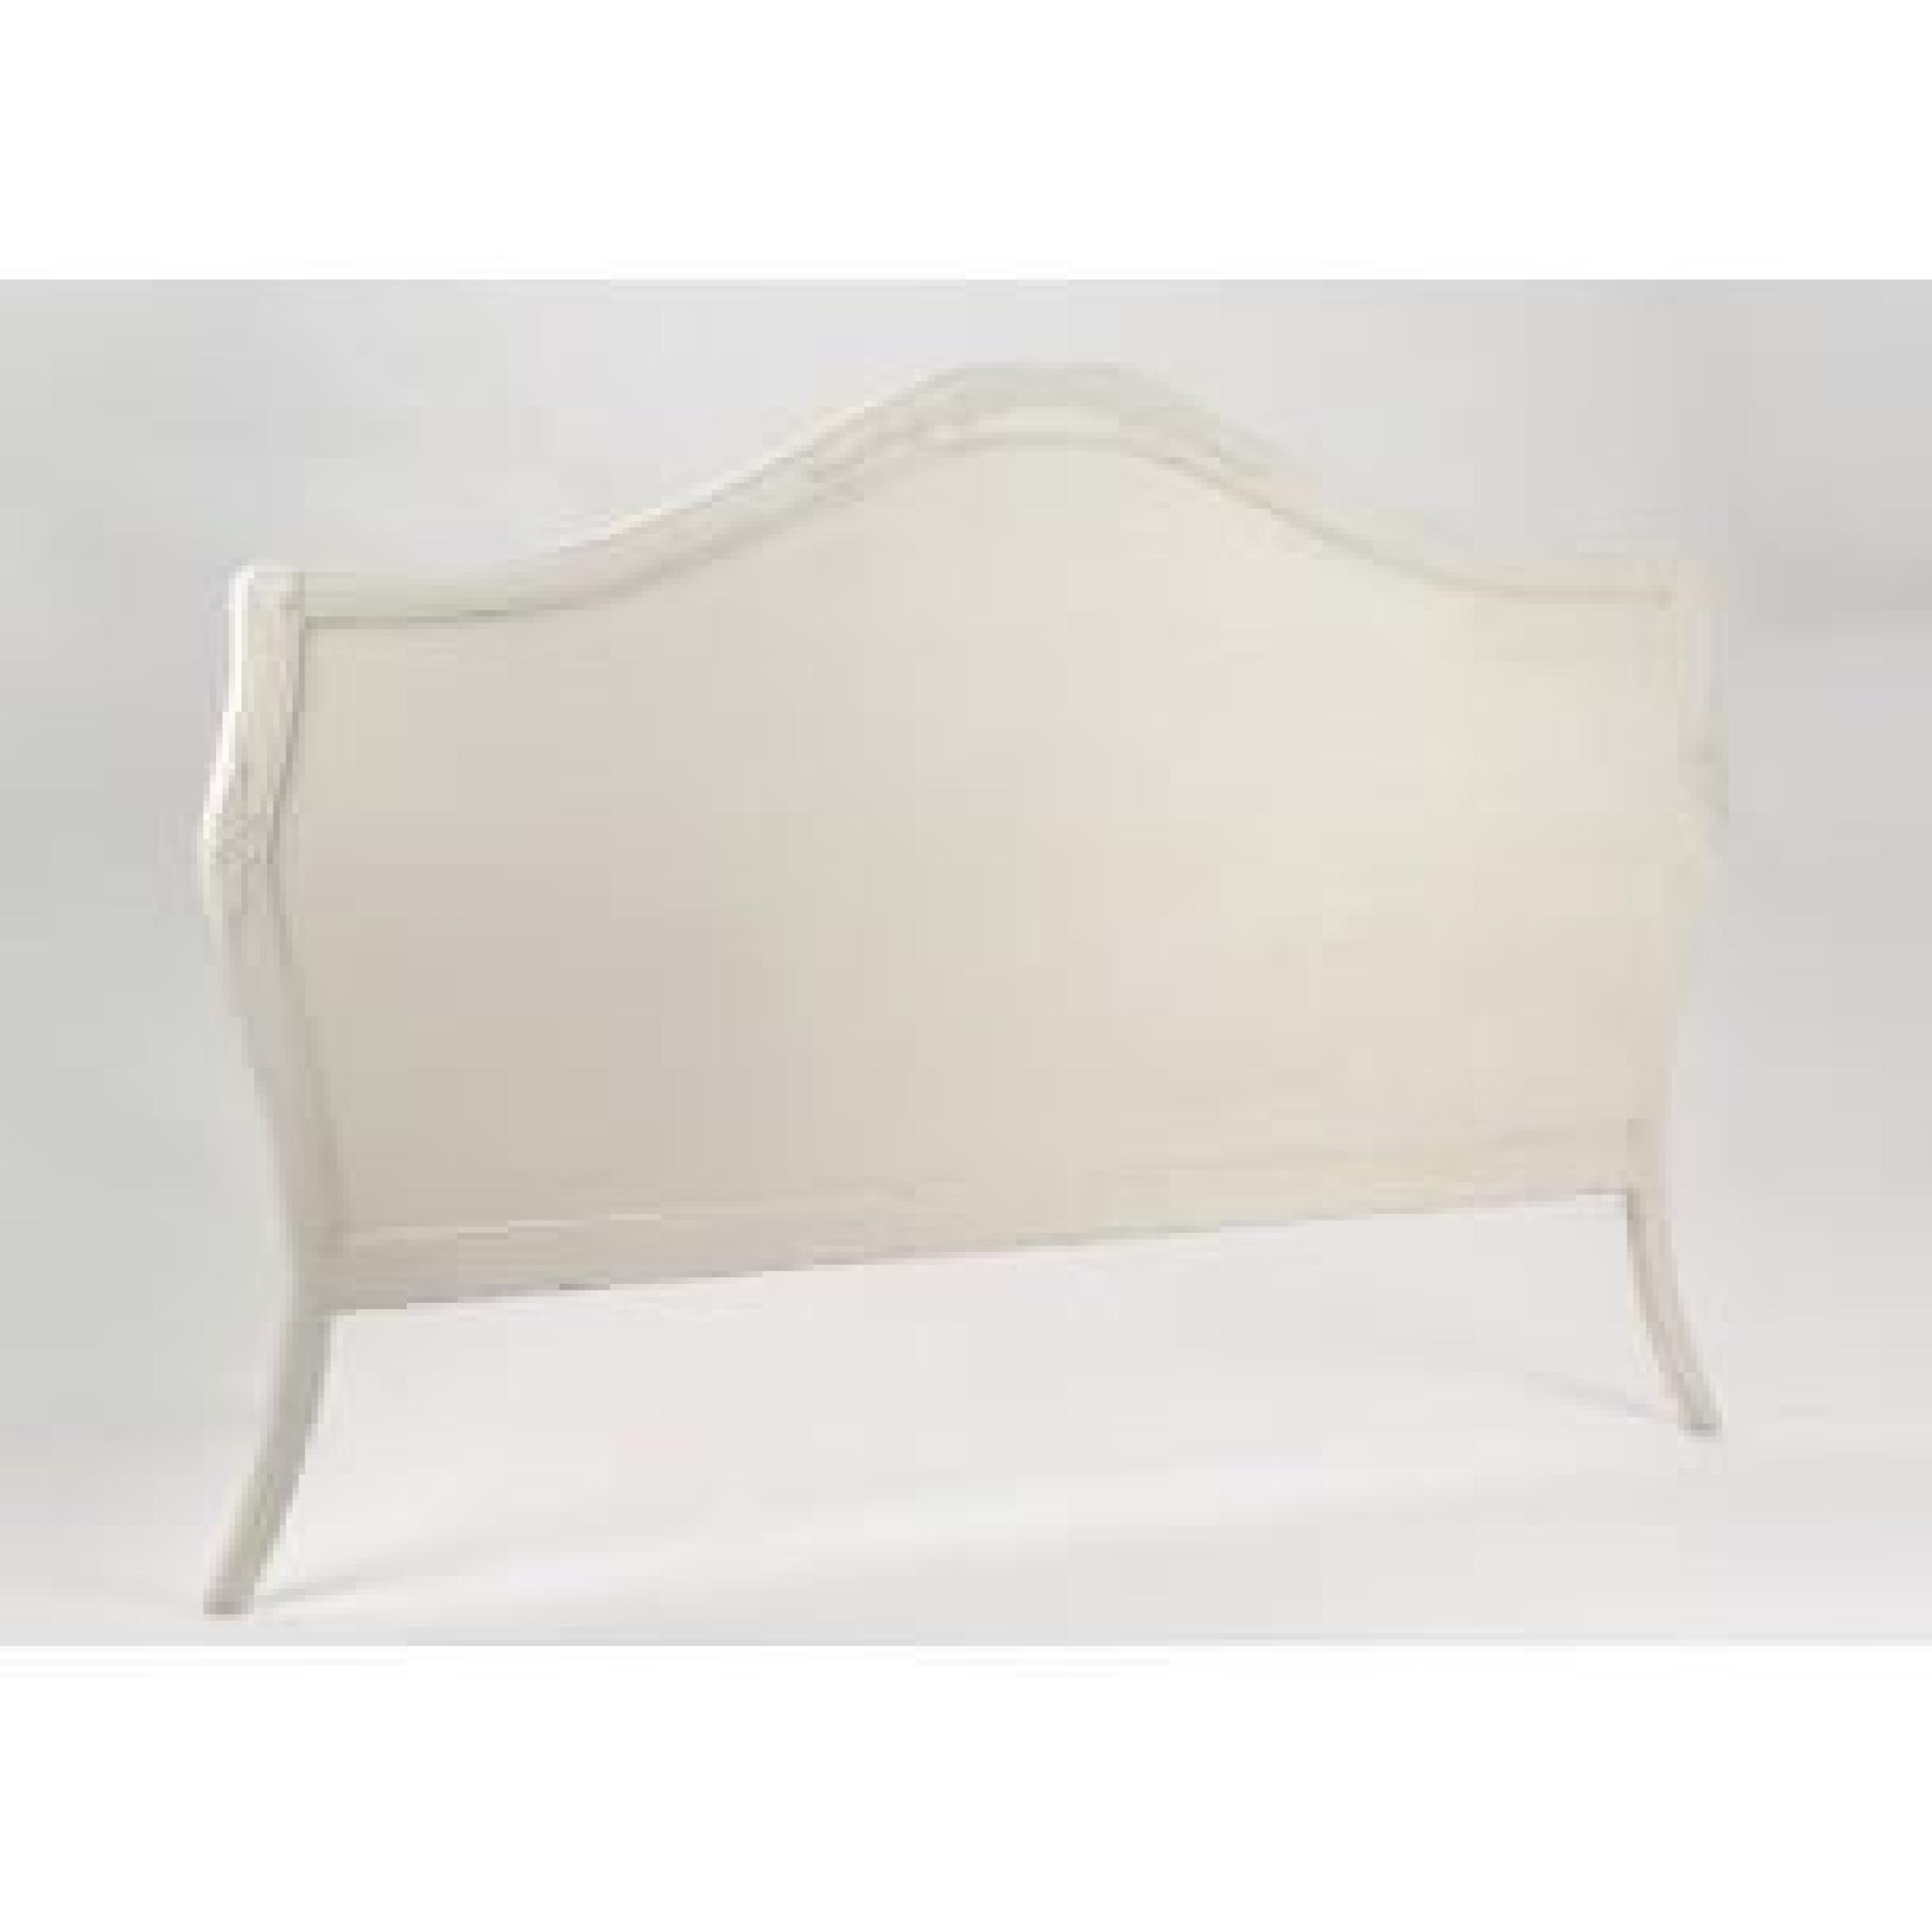 Tête de lit Comtesse 180 Amadeus - Achat/Vente tete de lit pas cher ...